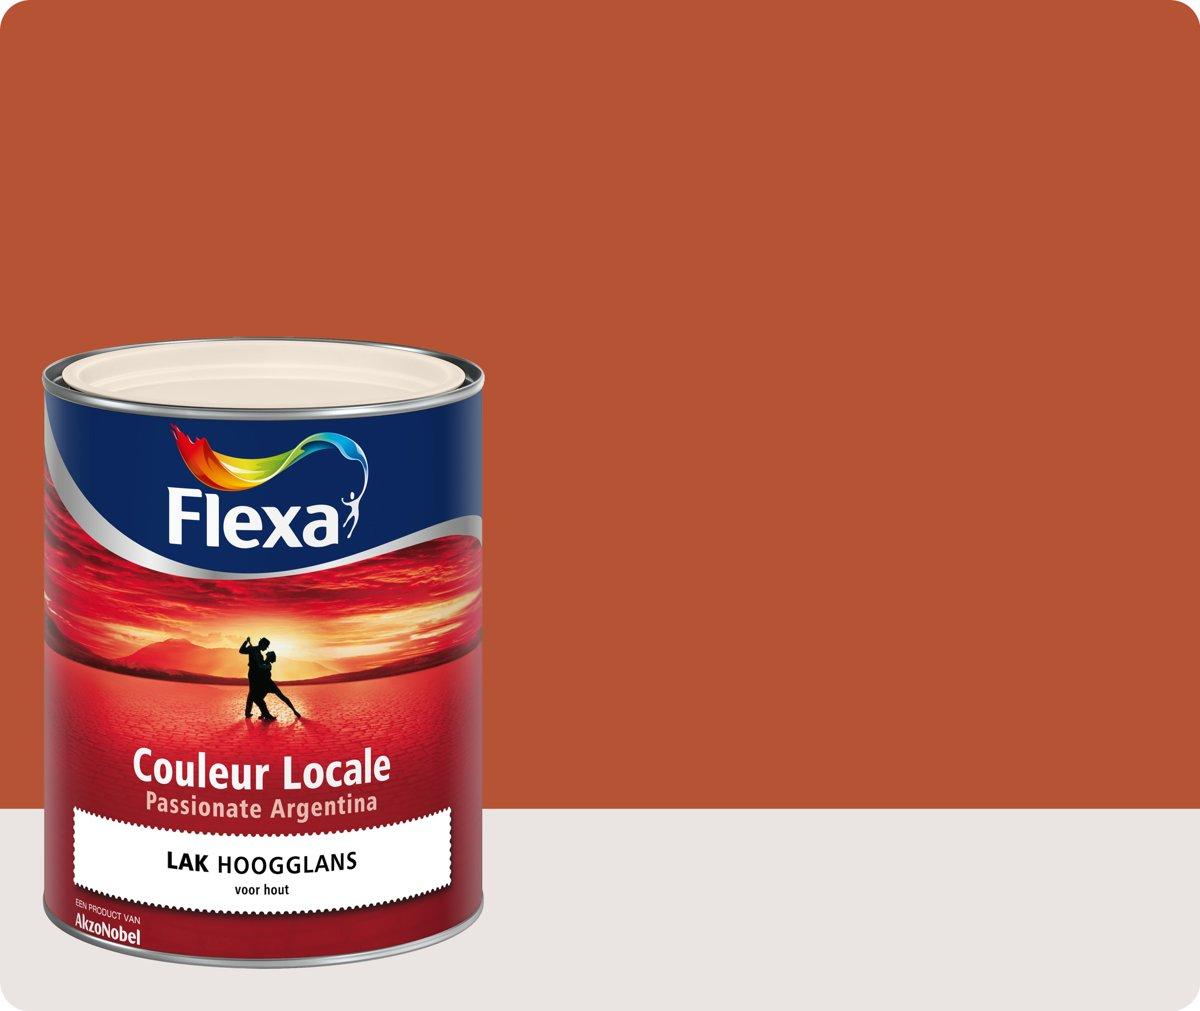 Flexa Couleur Locale - Lak Hoogglans - Passionate Argentina Fire  - 8045 - 0,75 liter